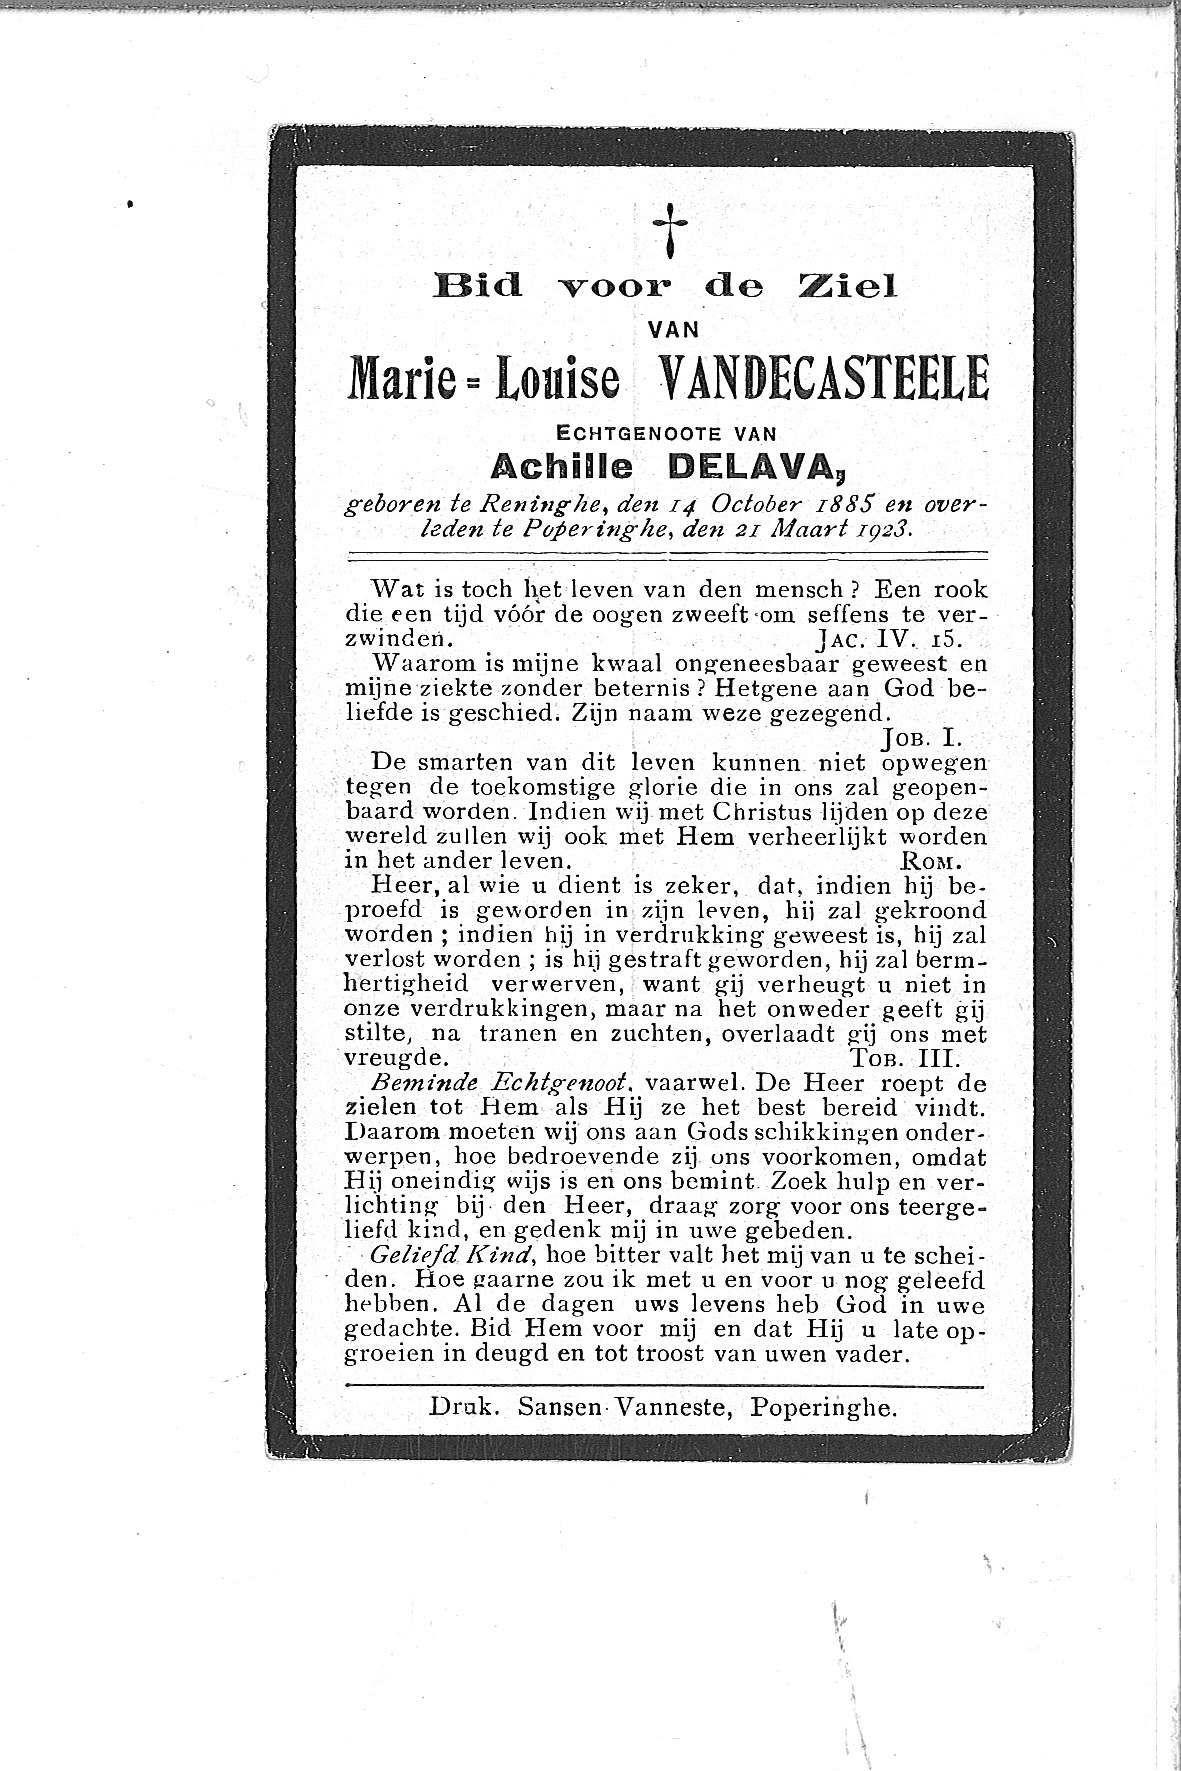 Marie-Louise(1923)20140114094217_00042.jpg